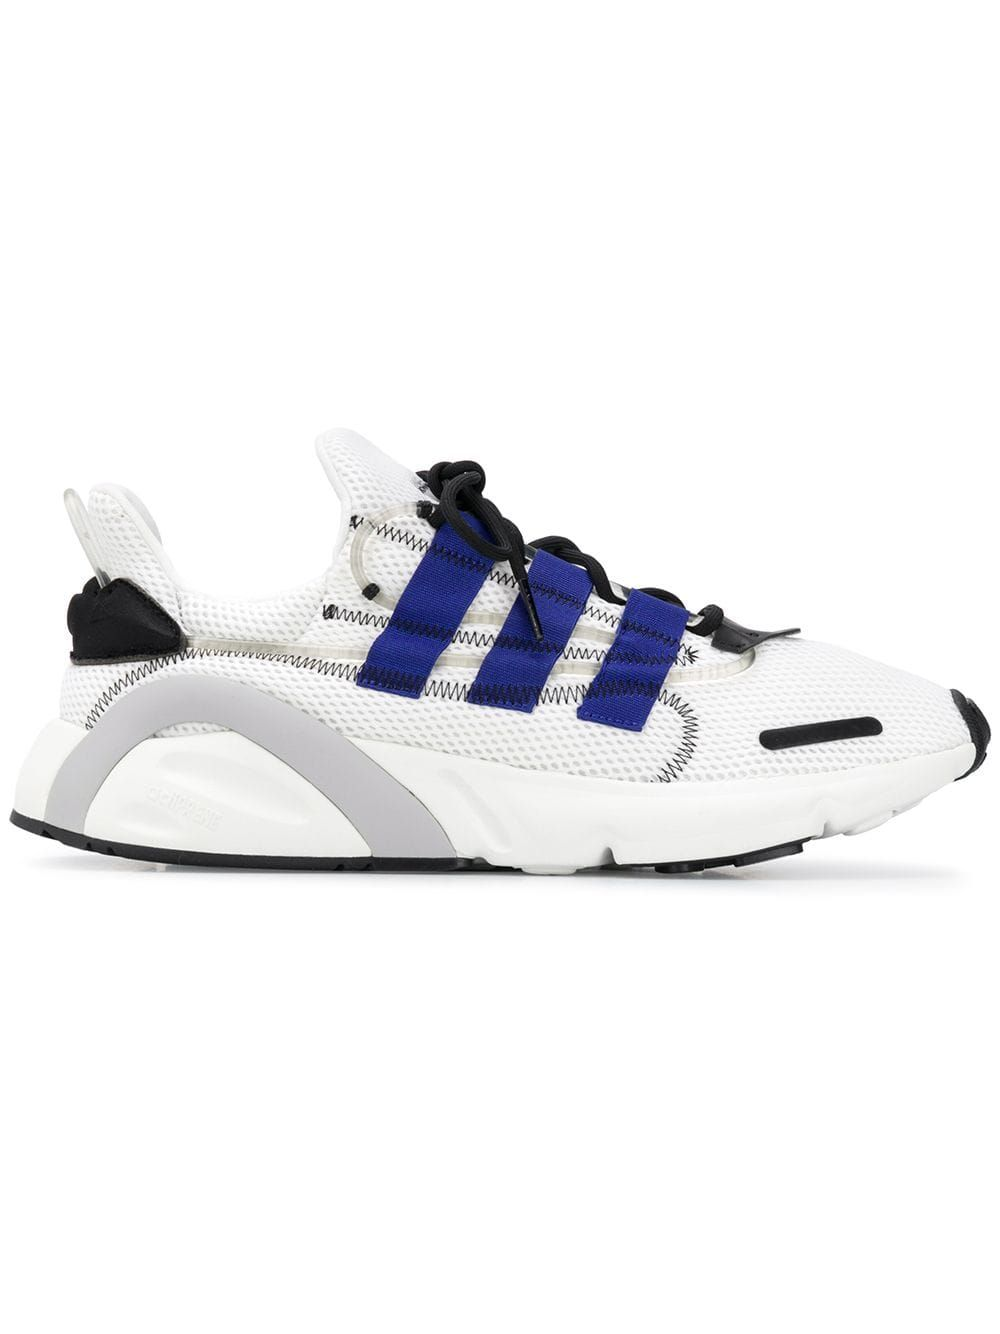 01e2f5227c90df ADIDAS ORIGINALS ADIDAS LXCON SNEAKERS - WHITE.  adidasoriginals  shoes